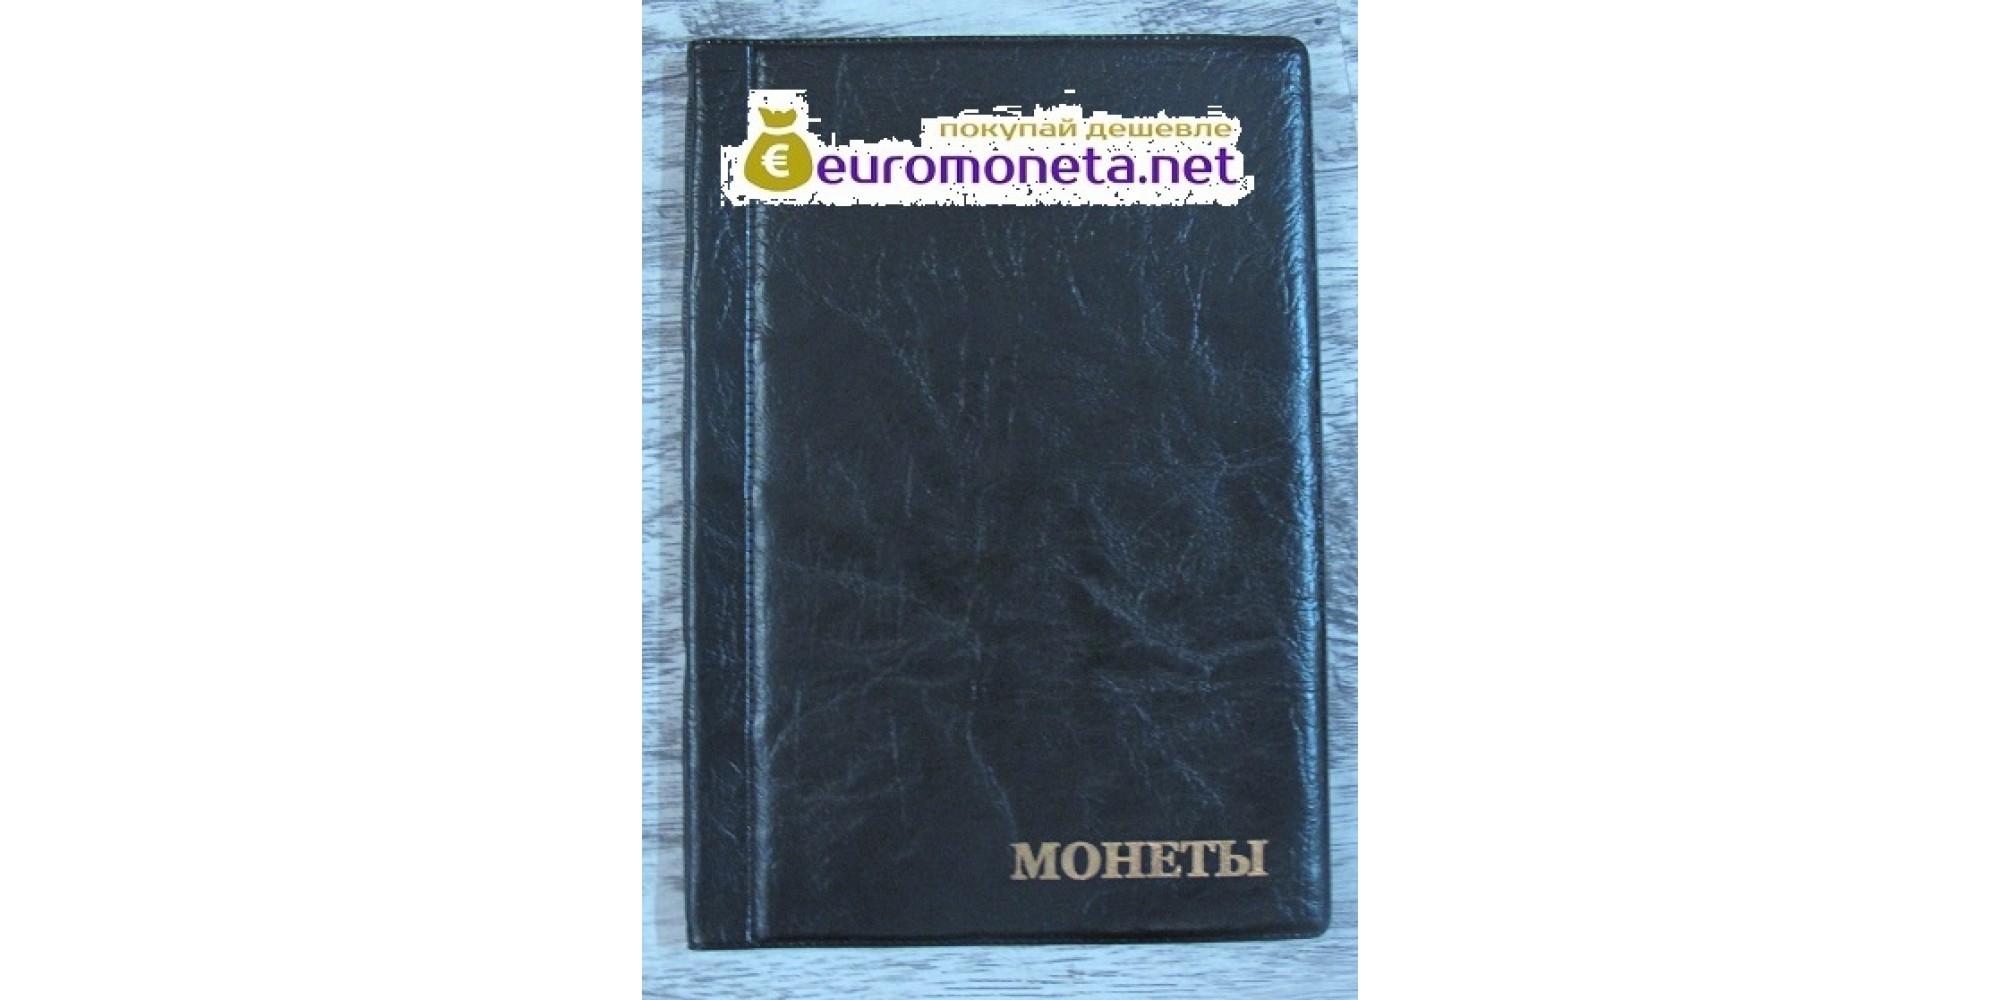 Альбом карманный для монет 96 ячеек 53х57 мм кожзам, чёрный, пр-во Россия